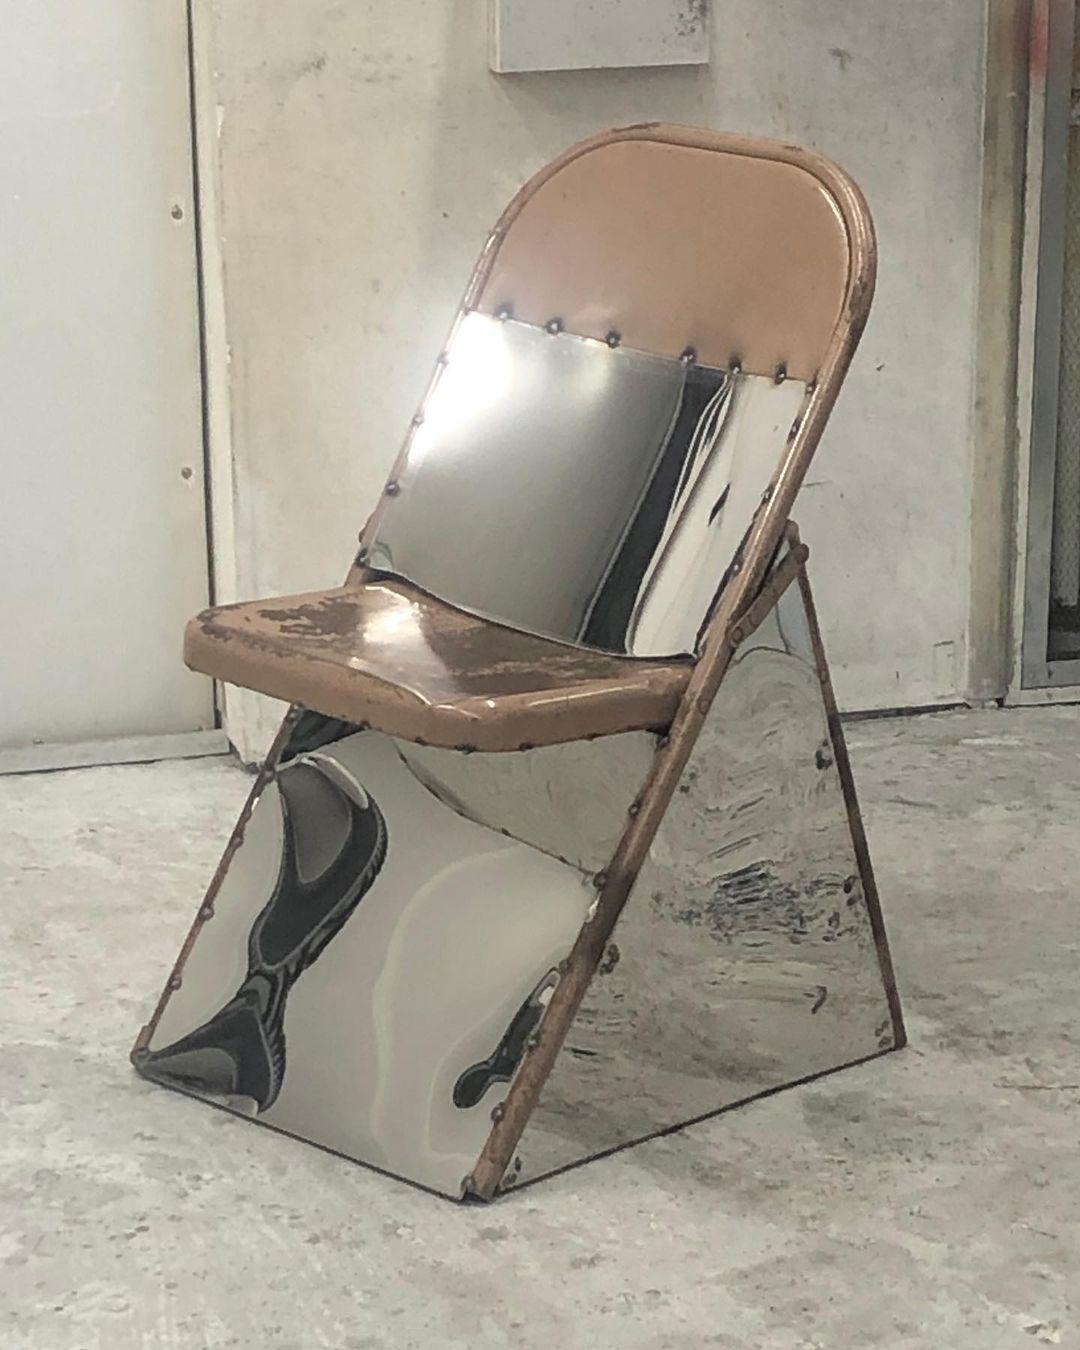 Conoce a Jason Gringler, el canadiense que transforma el vidrio y el acero en obras de arte